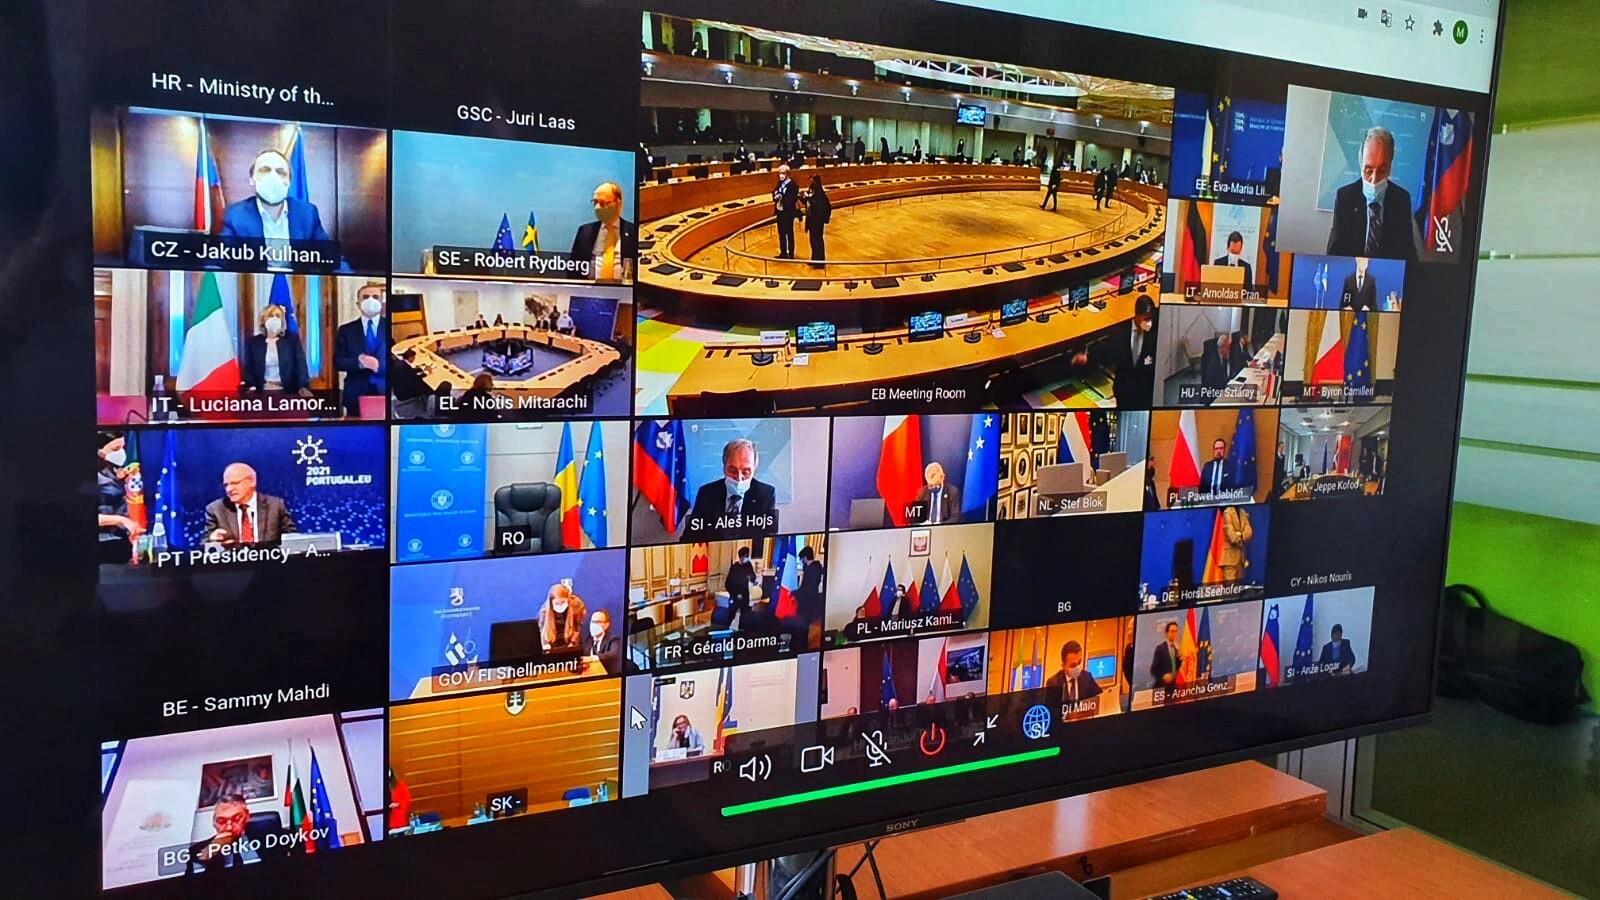 Skupno zasedanje Sveta ministrov za zunanje zadeve in Sveta ministrov za pravosodje in notranje zadeve | Avtor Ministrstvo za notranje zadeve